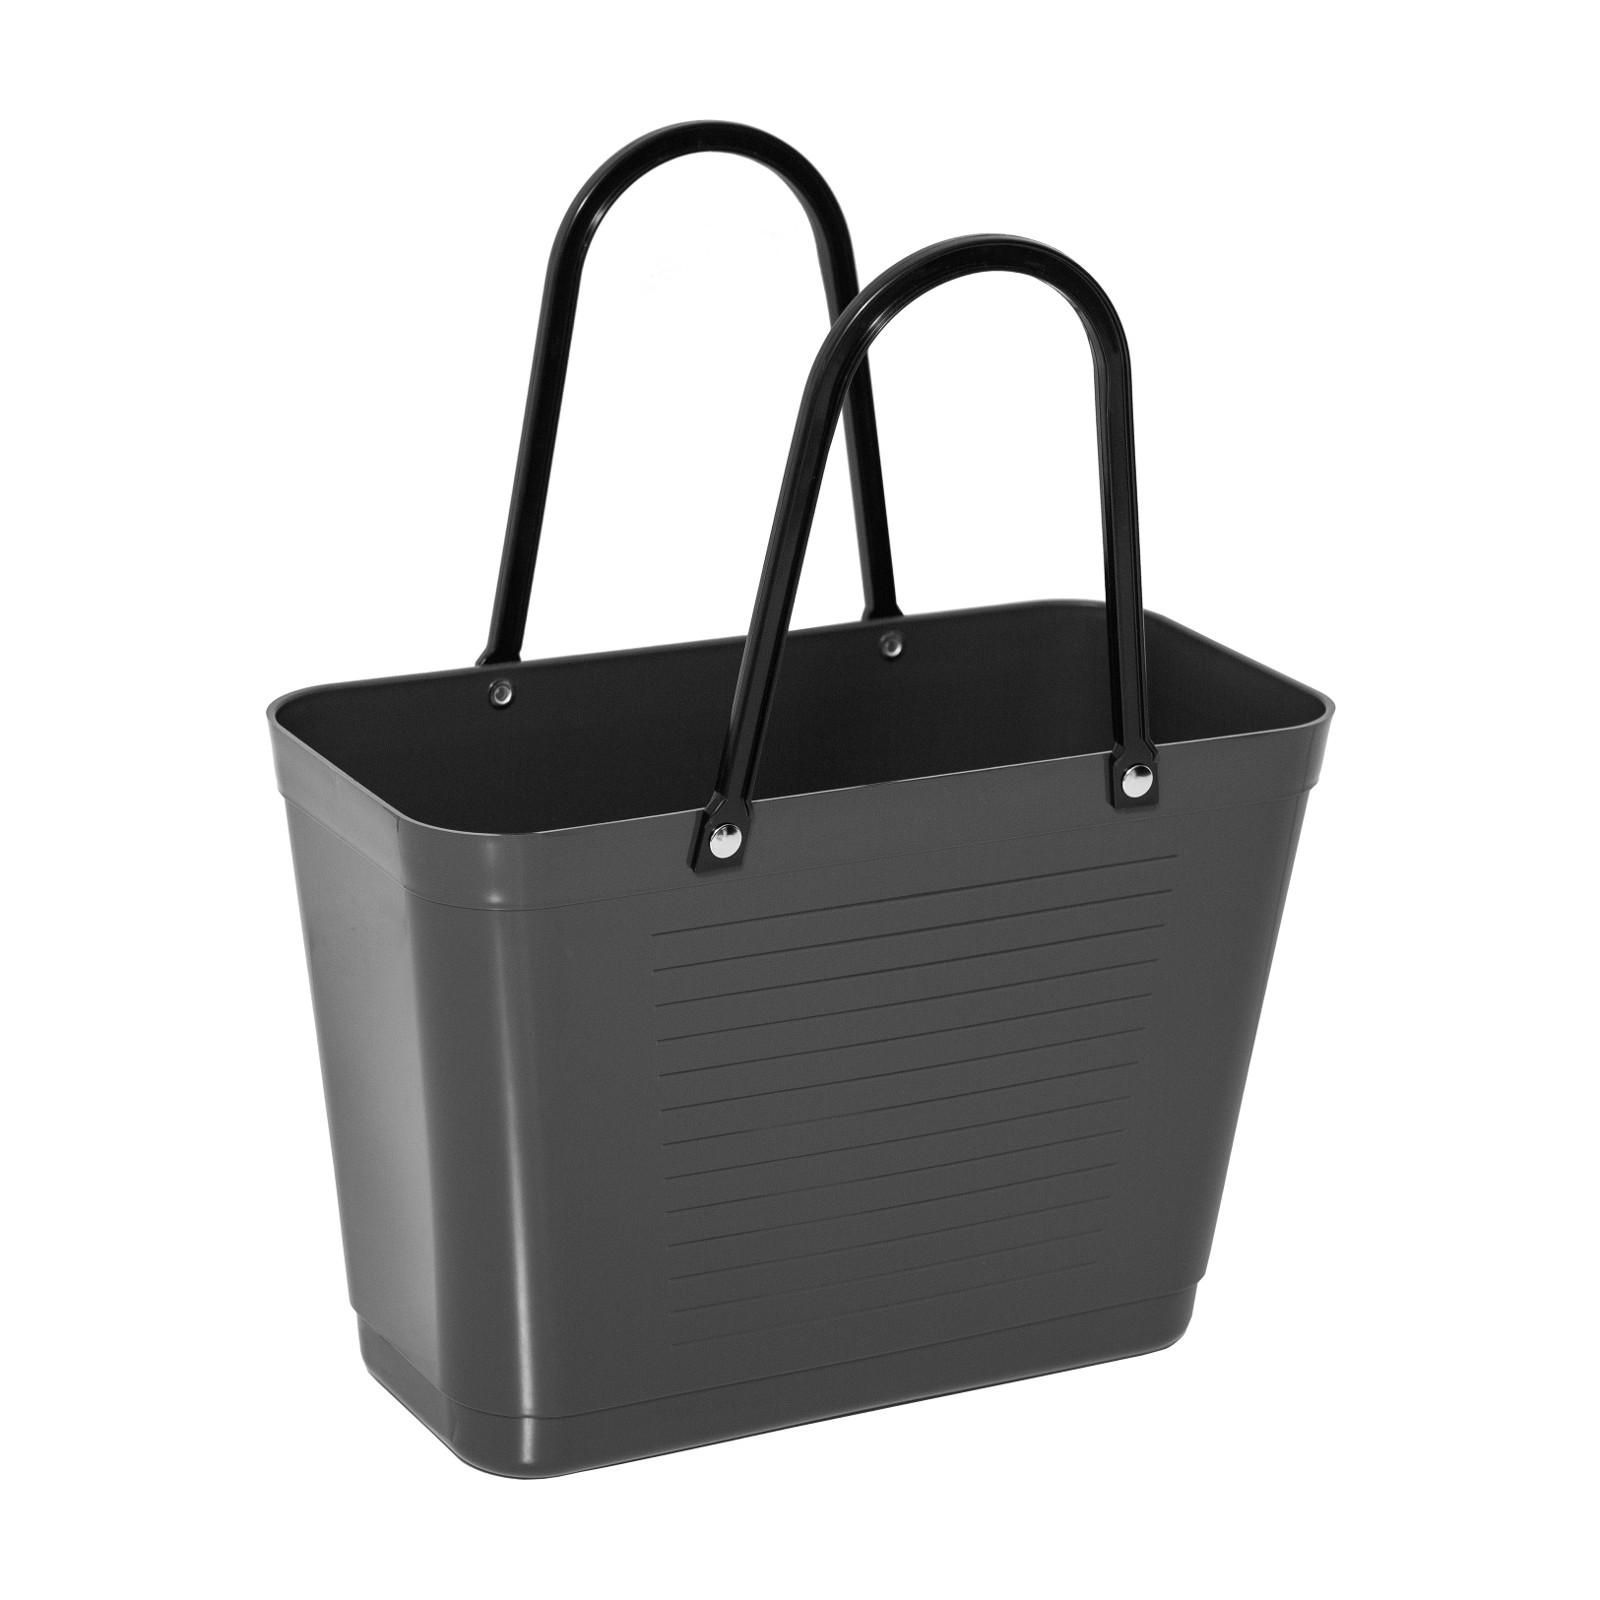 hinza 205-hinza-bag-small-dark-grey